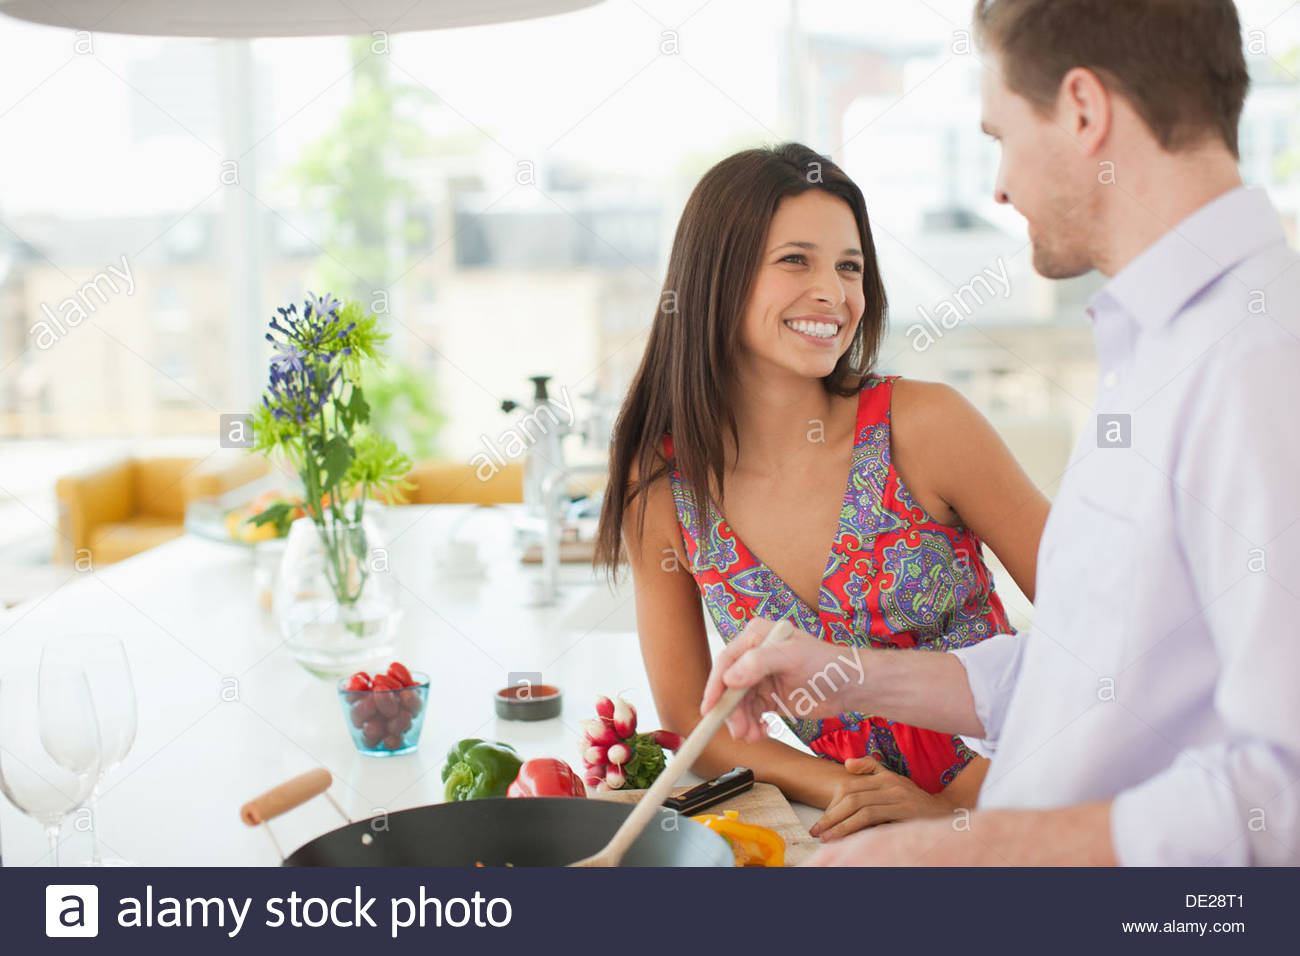 Femme regardant mari sauté au retournement dans la cuisine Photo Stock